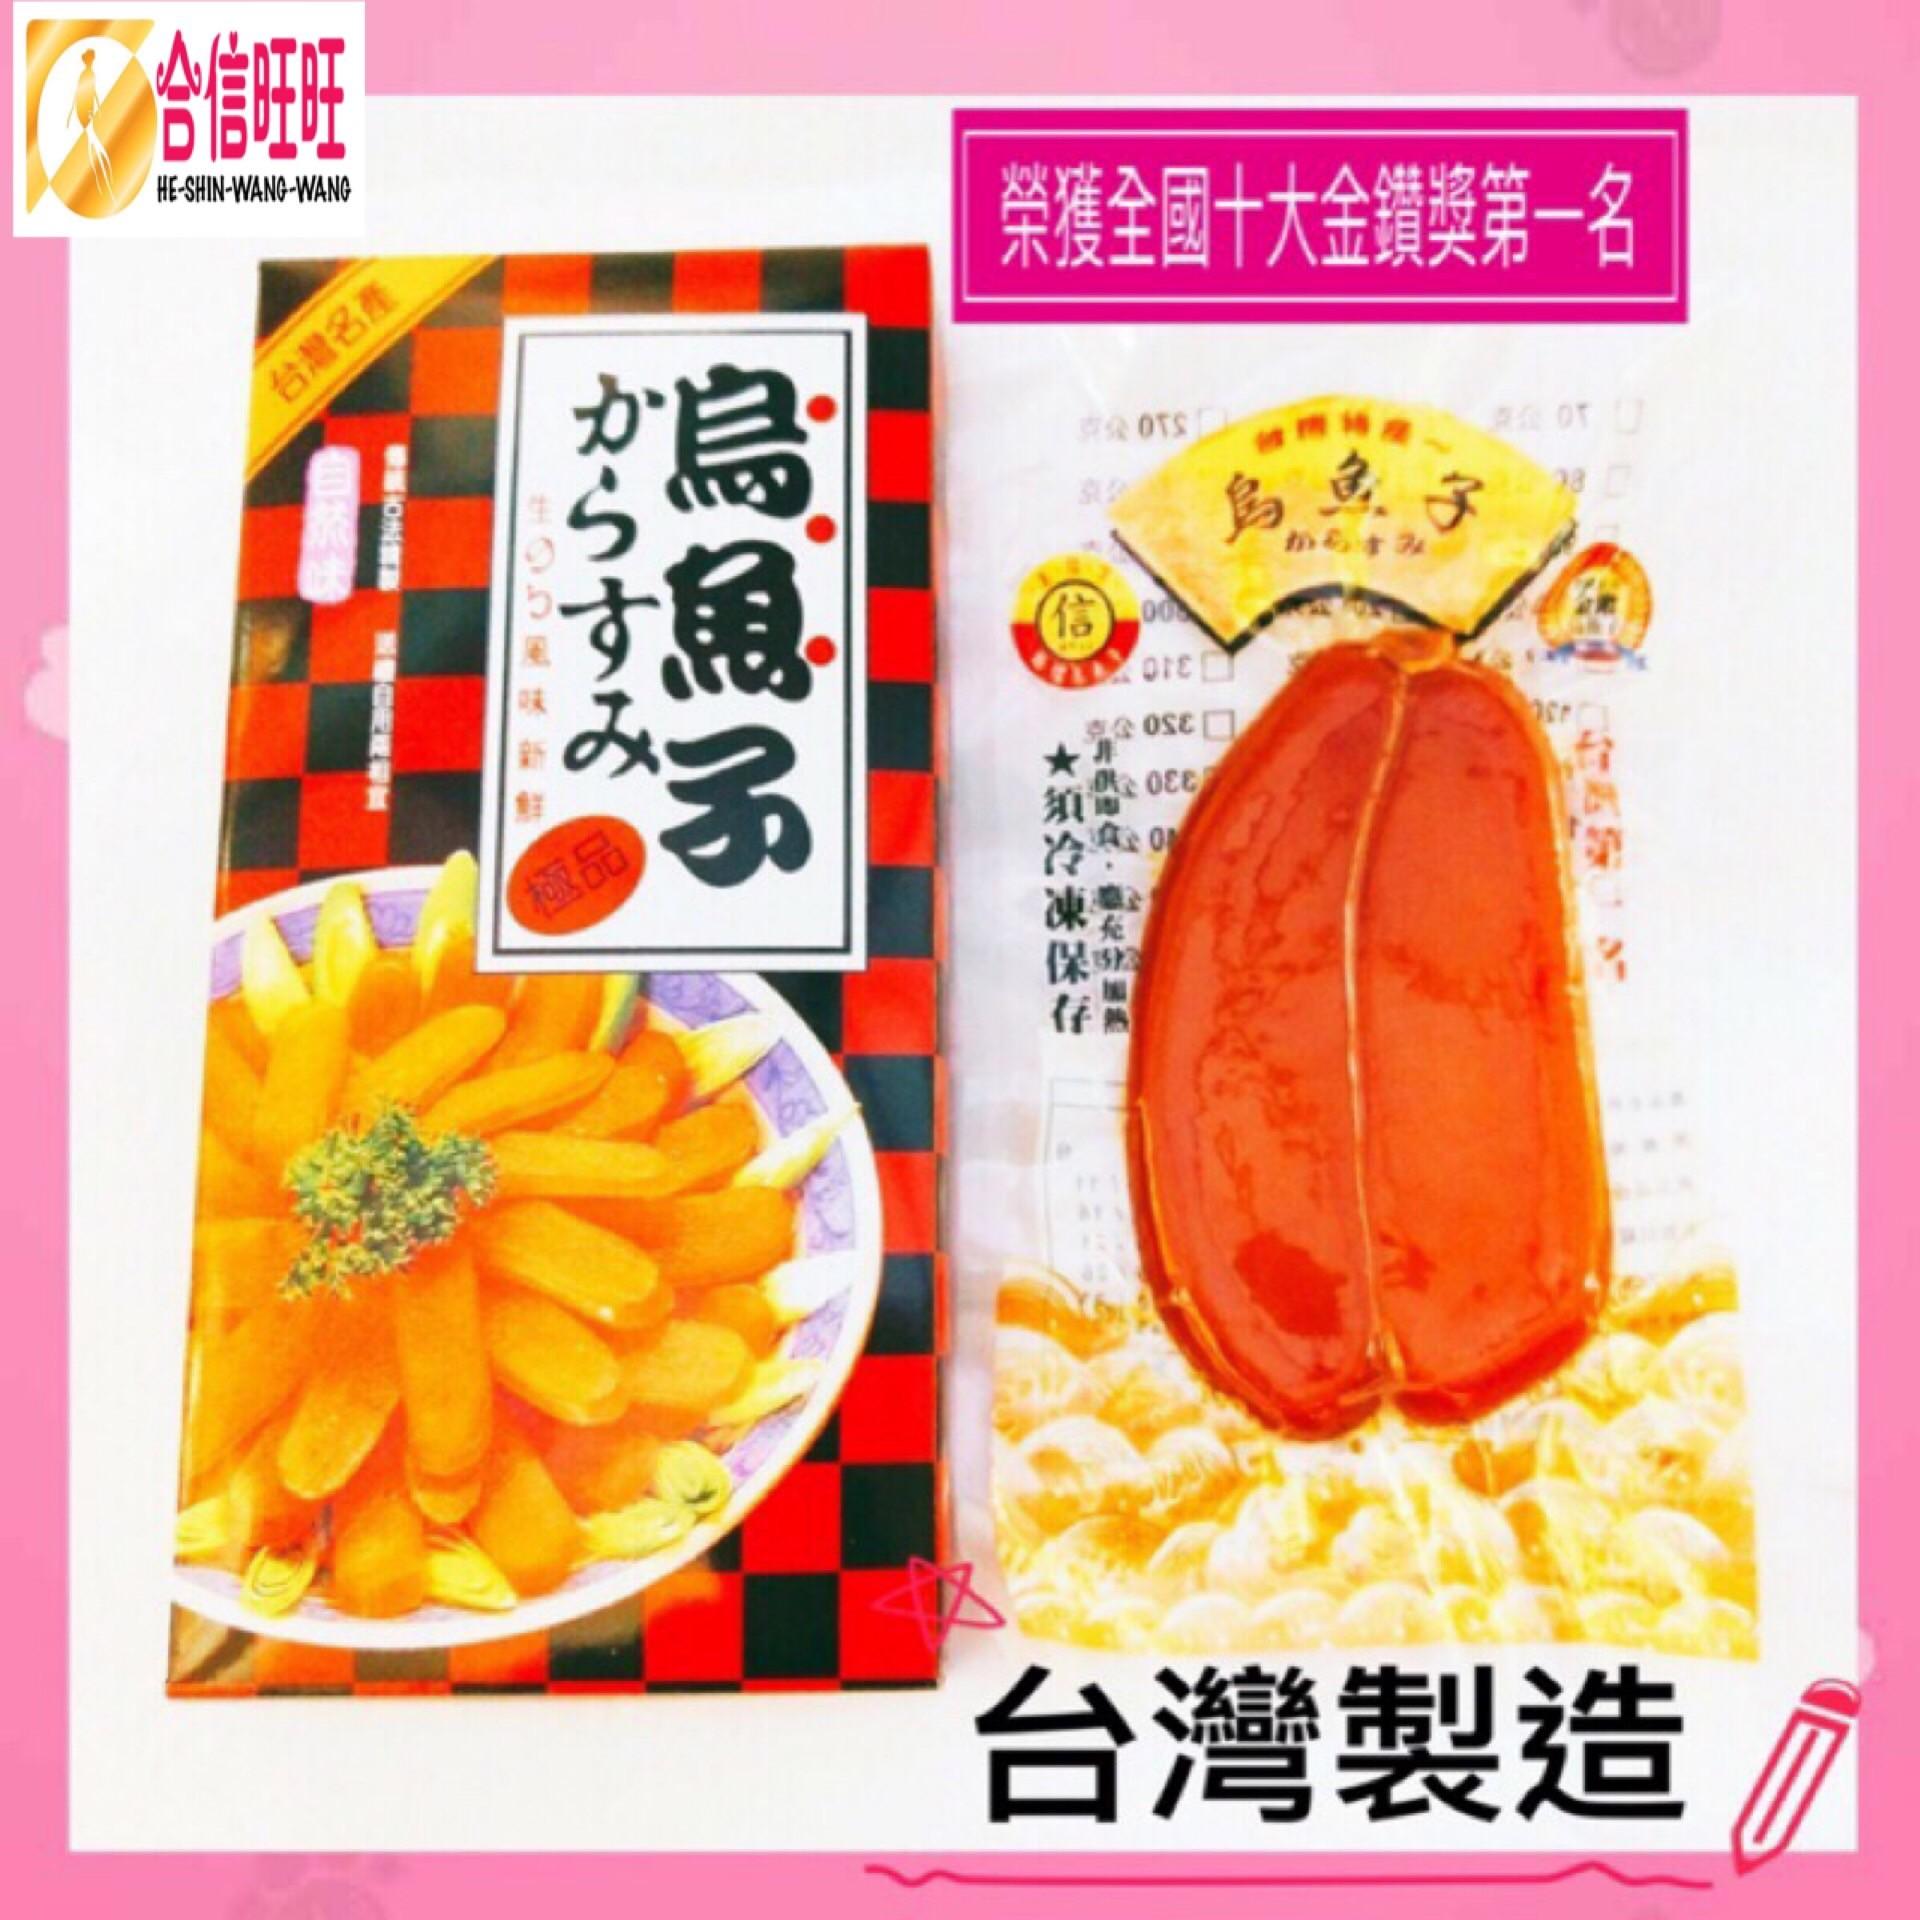 特級台灣烏魚子8兩上/片/肉厚 口感綿密 Q彈 好吃 品質衛生有保證